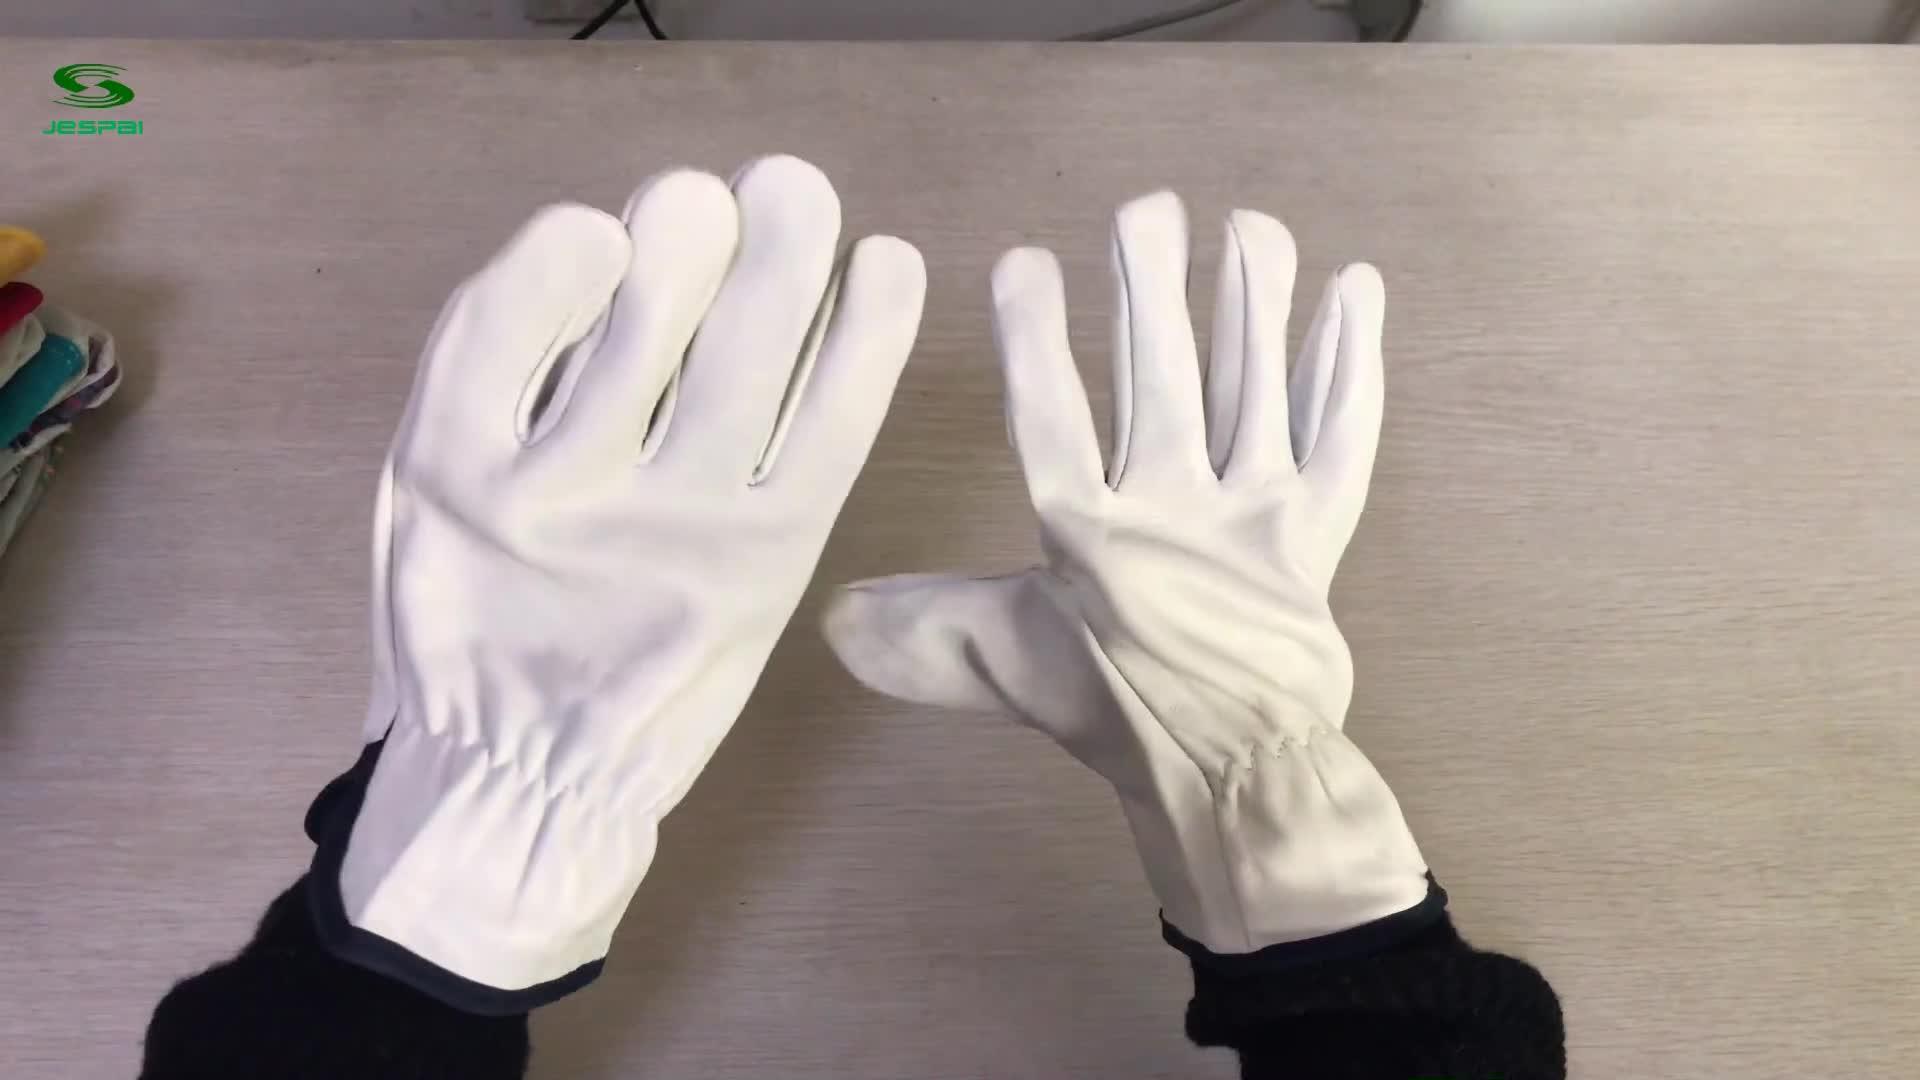 Jespai 2020 工場 10 インチ安全豚皮羊牛の皮の革手袋